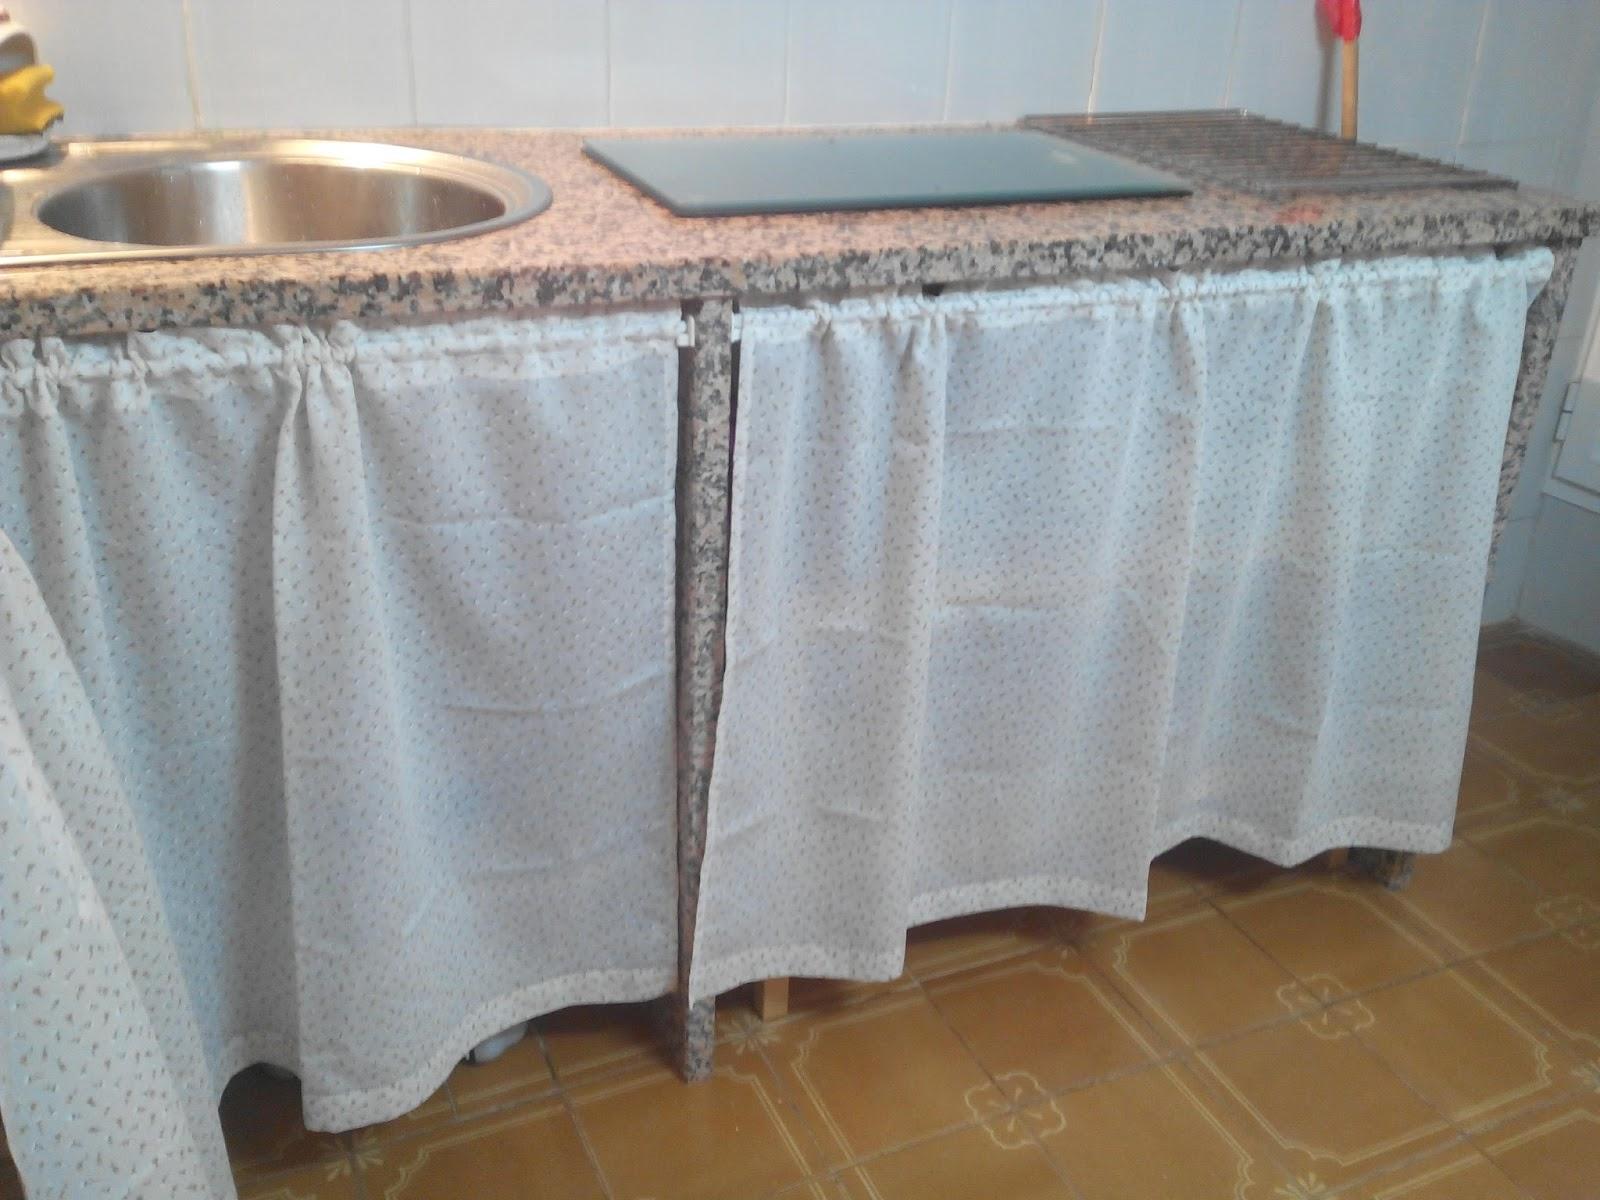 Patronhila cortinas para muebles de cocina for Como poner ganchos de cortinas